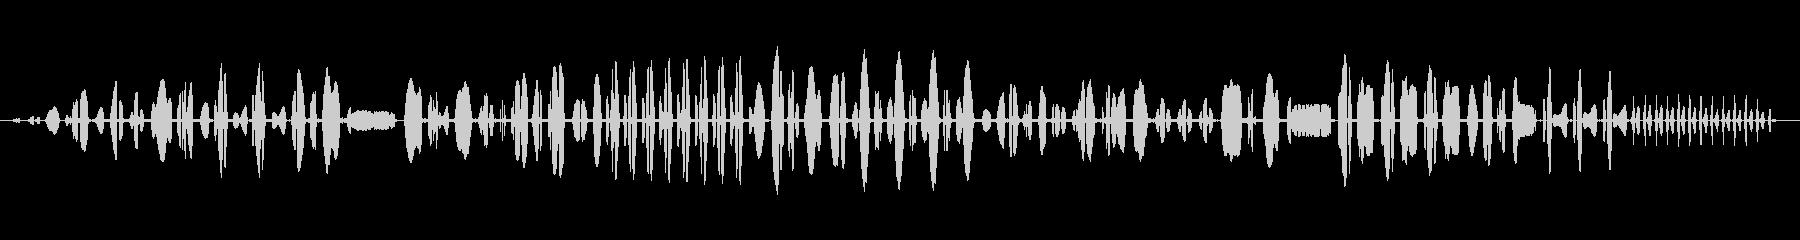 冬のレン:定数呼び出し、動物の鳥の未再生の波形